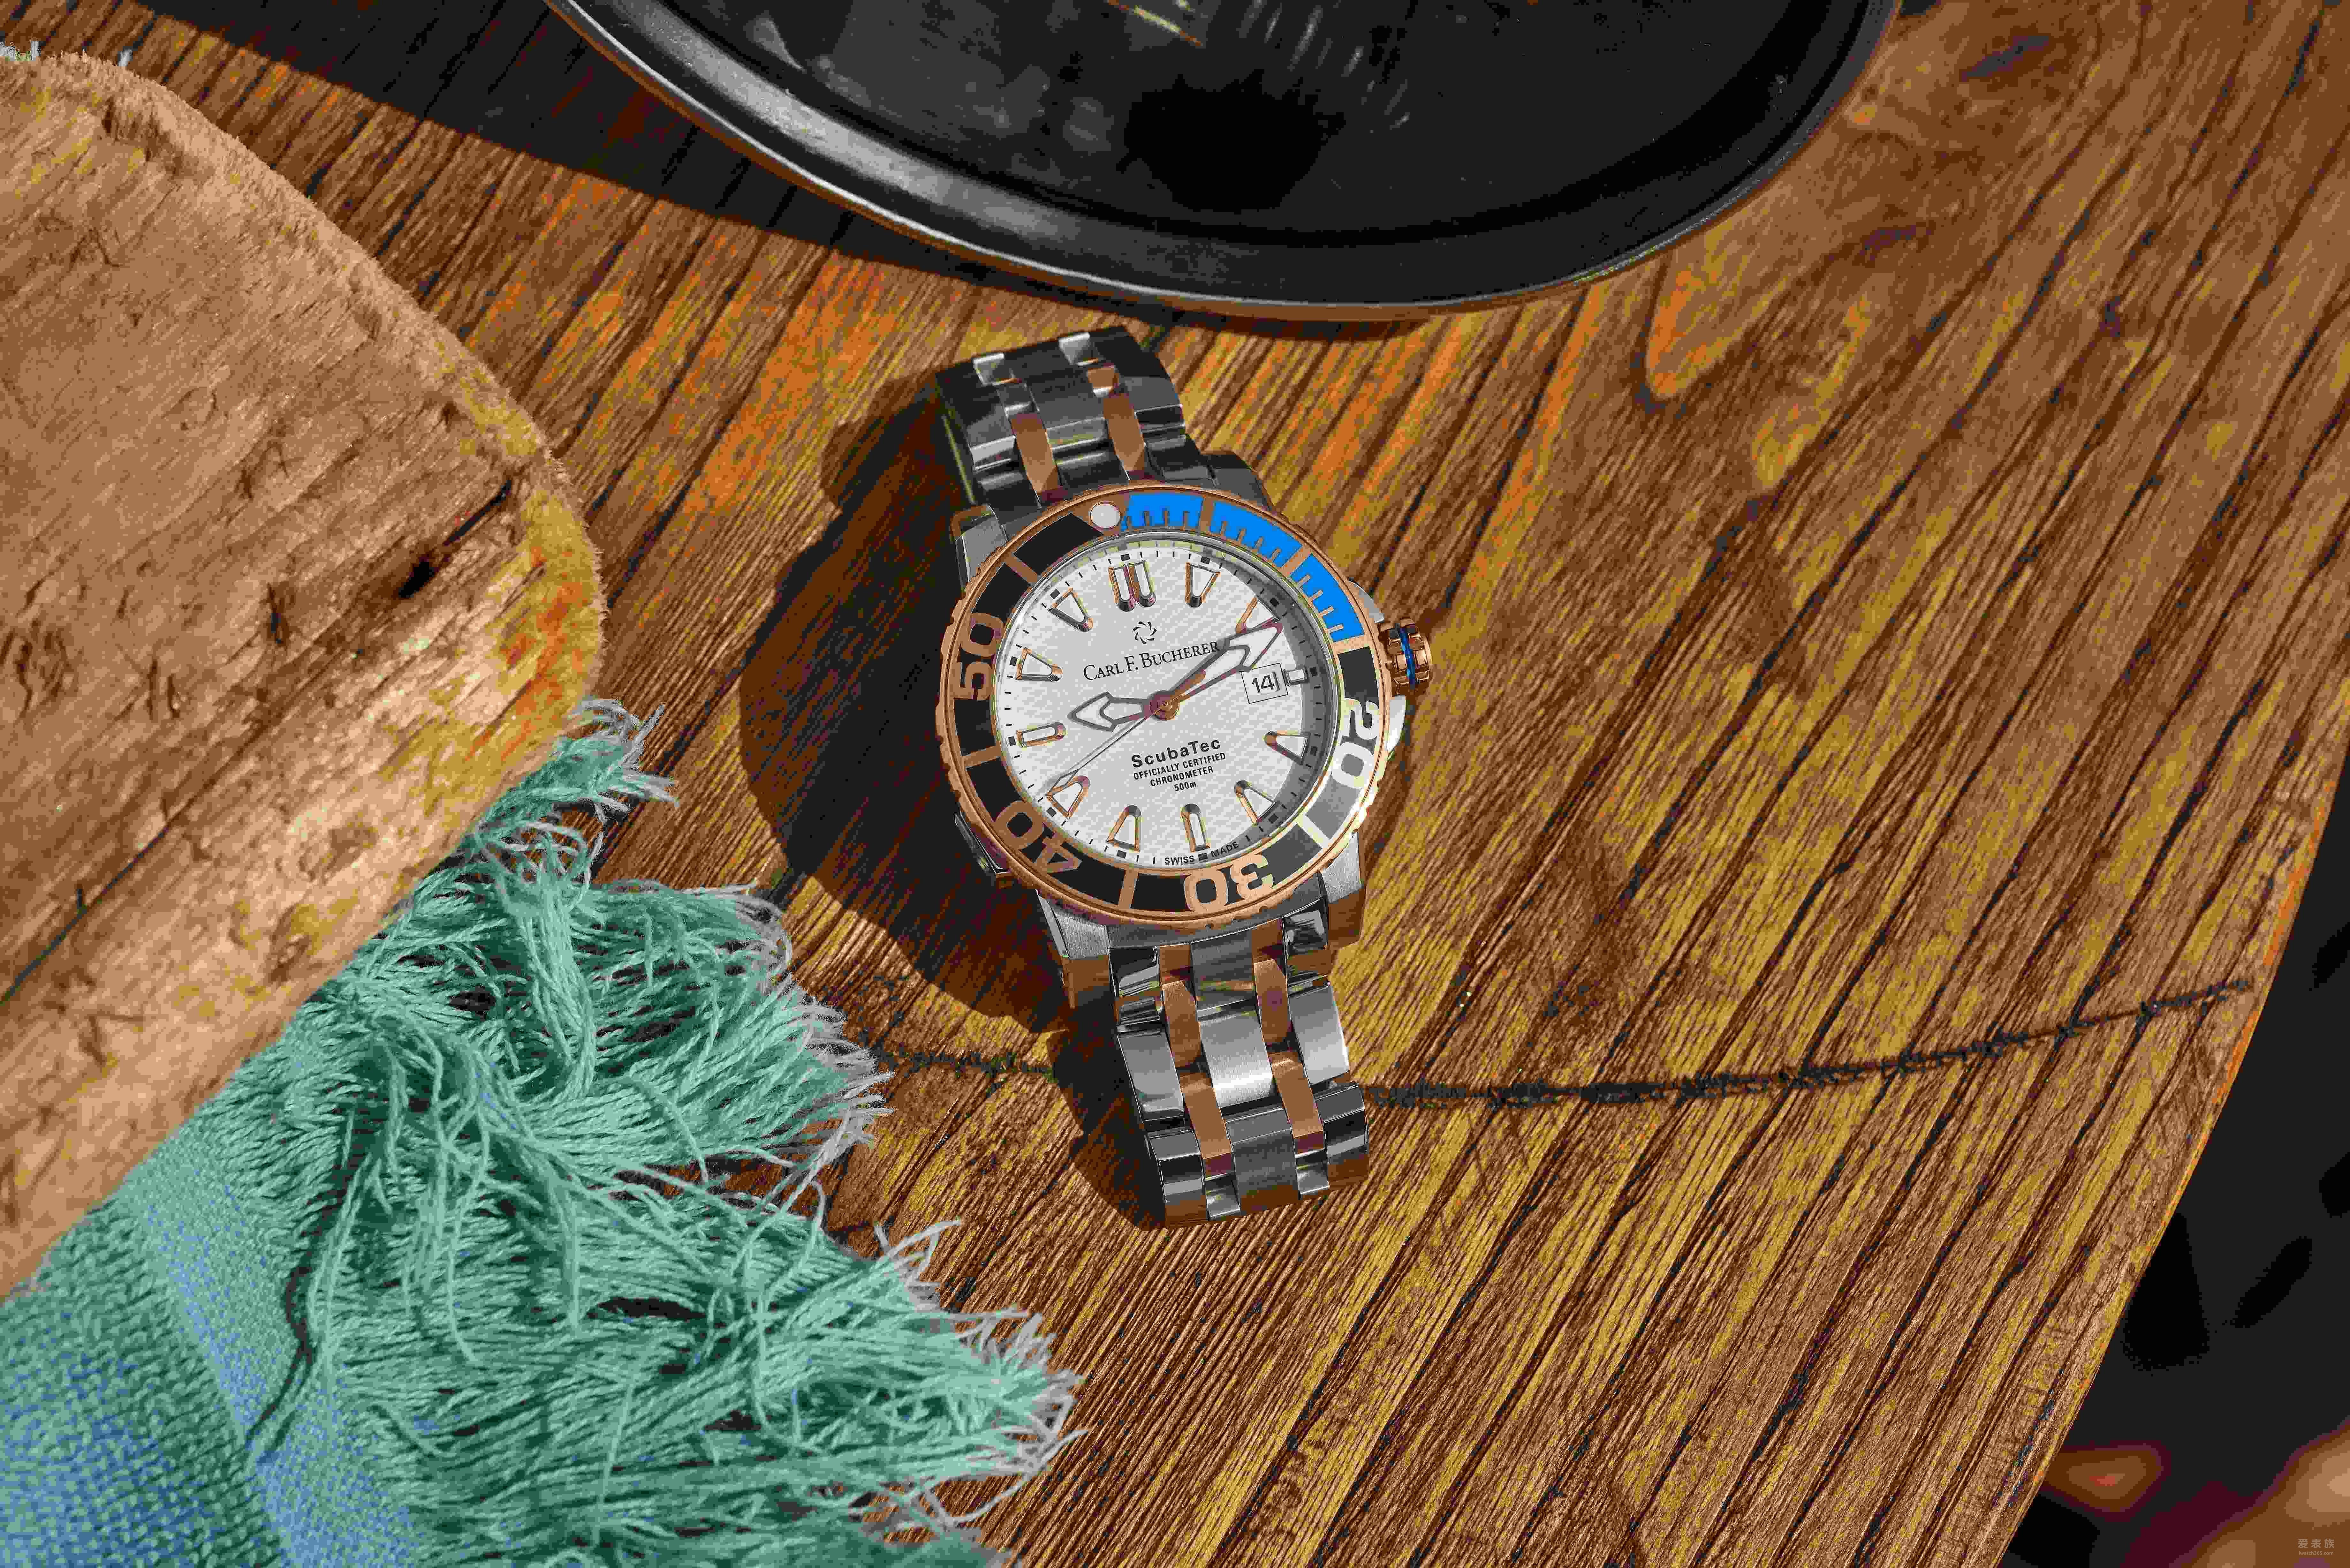 蓝色时刻  柏拉维系列腕表炫酷设计 沁爽炎炎夏日